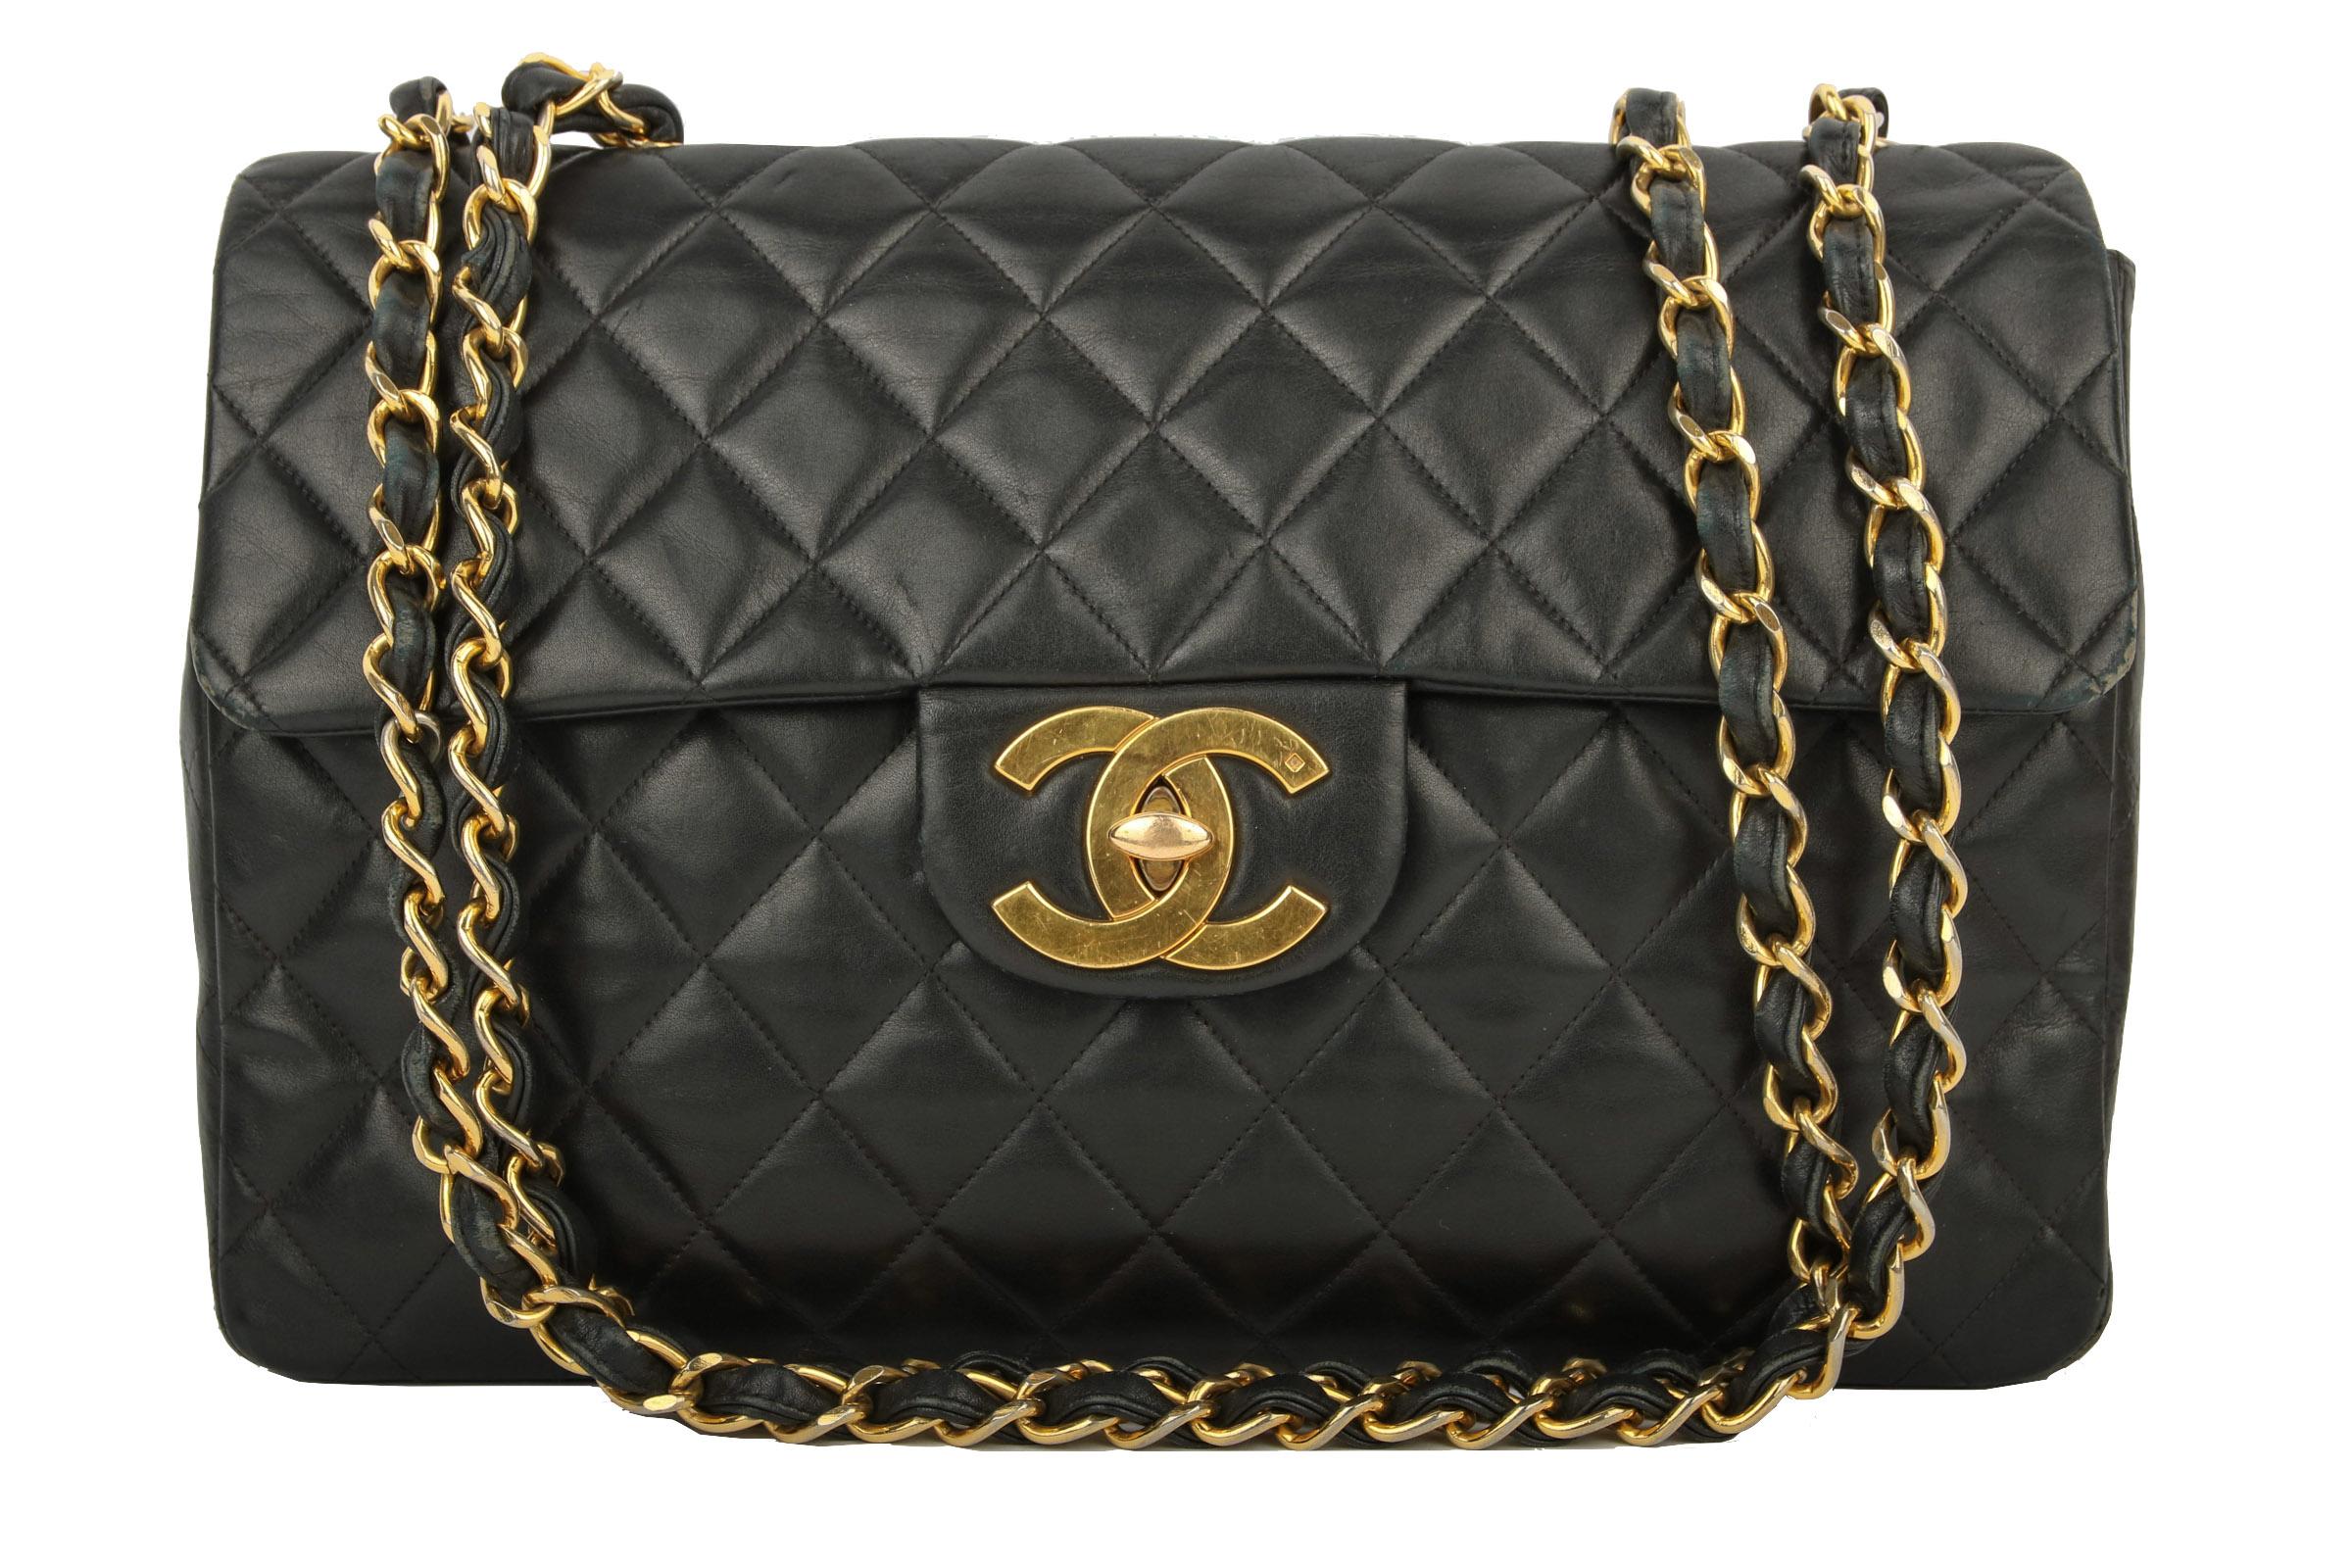 9dff278238490 Chanel Handtaschen   Accessoires